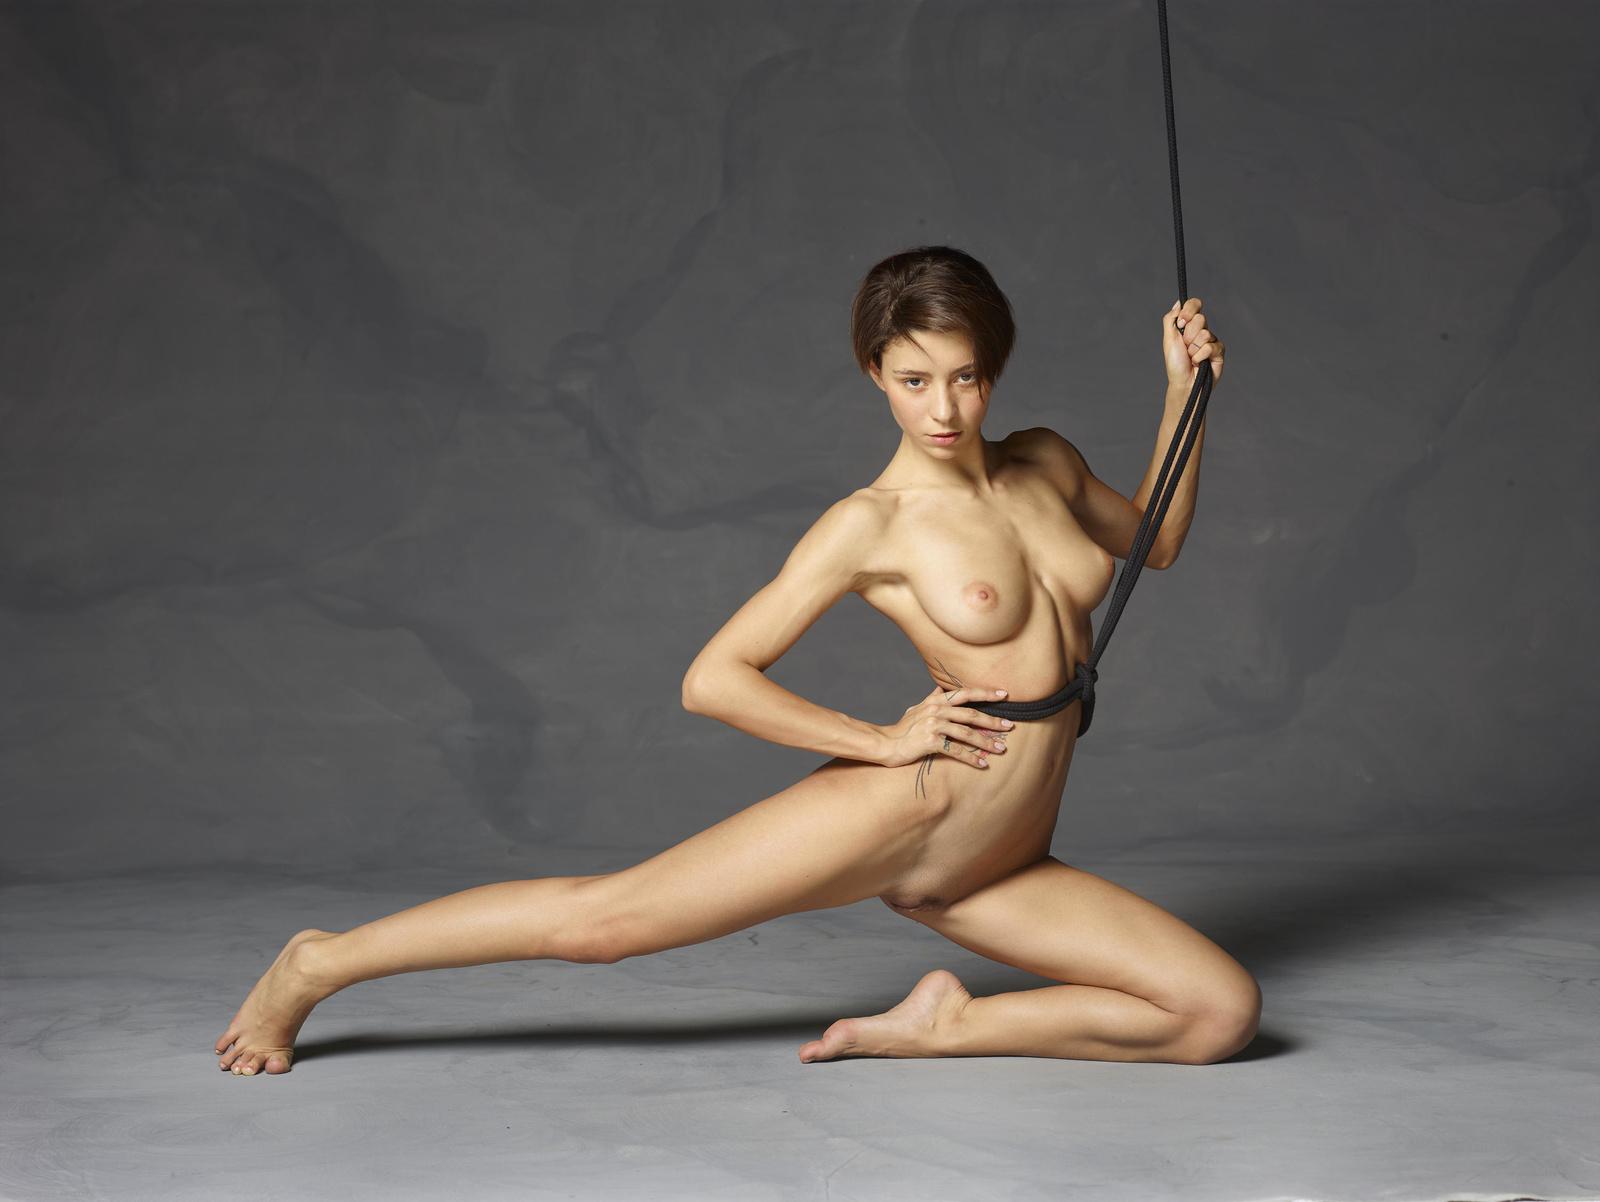 Zdjęcie porno - 136 - Wygimnastykowana kobieta